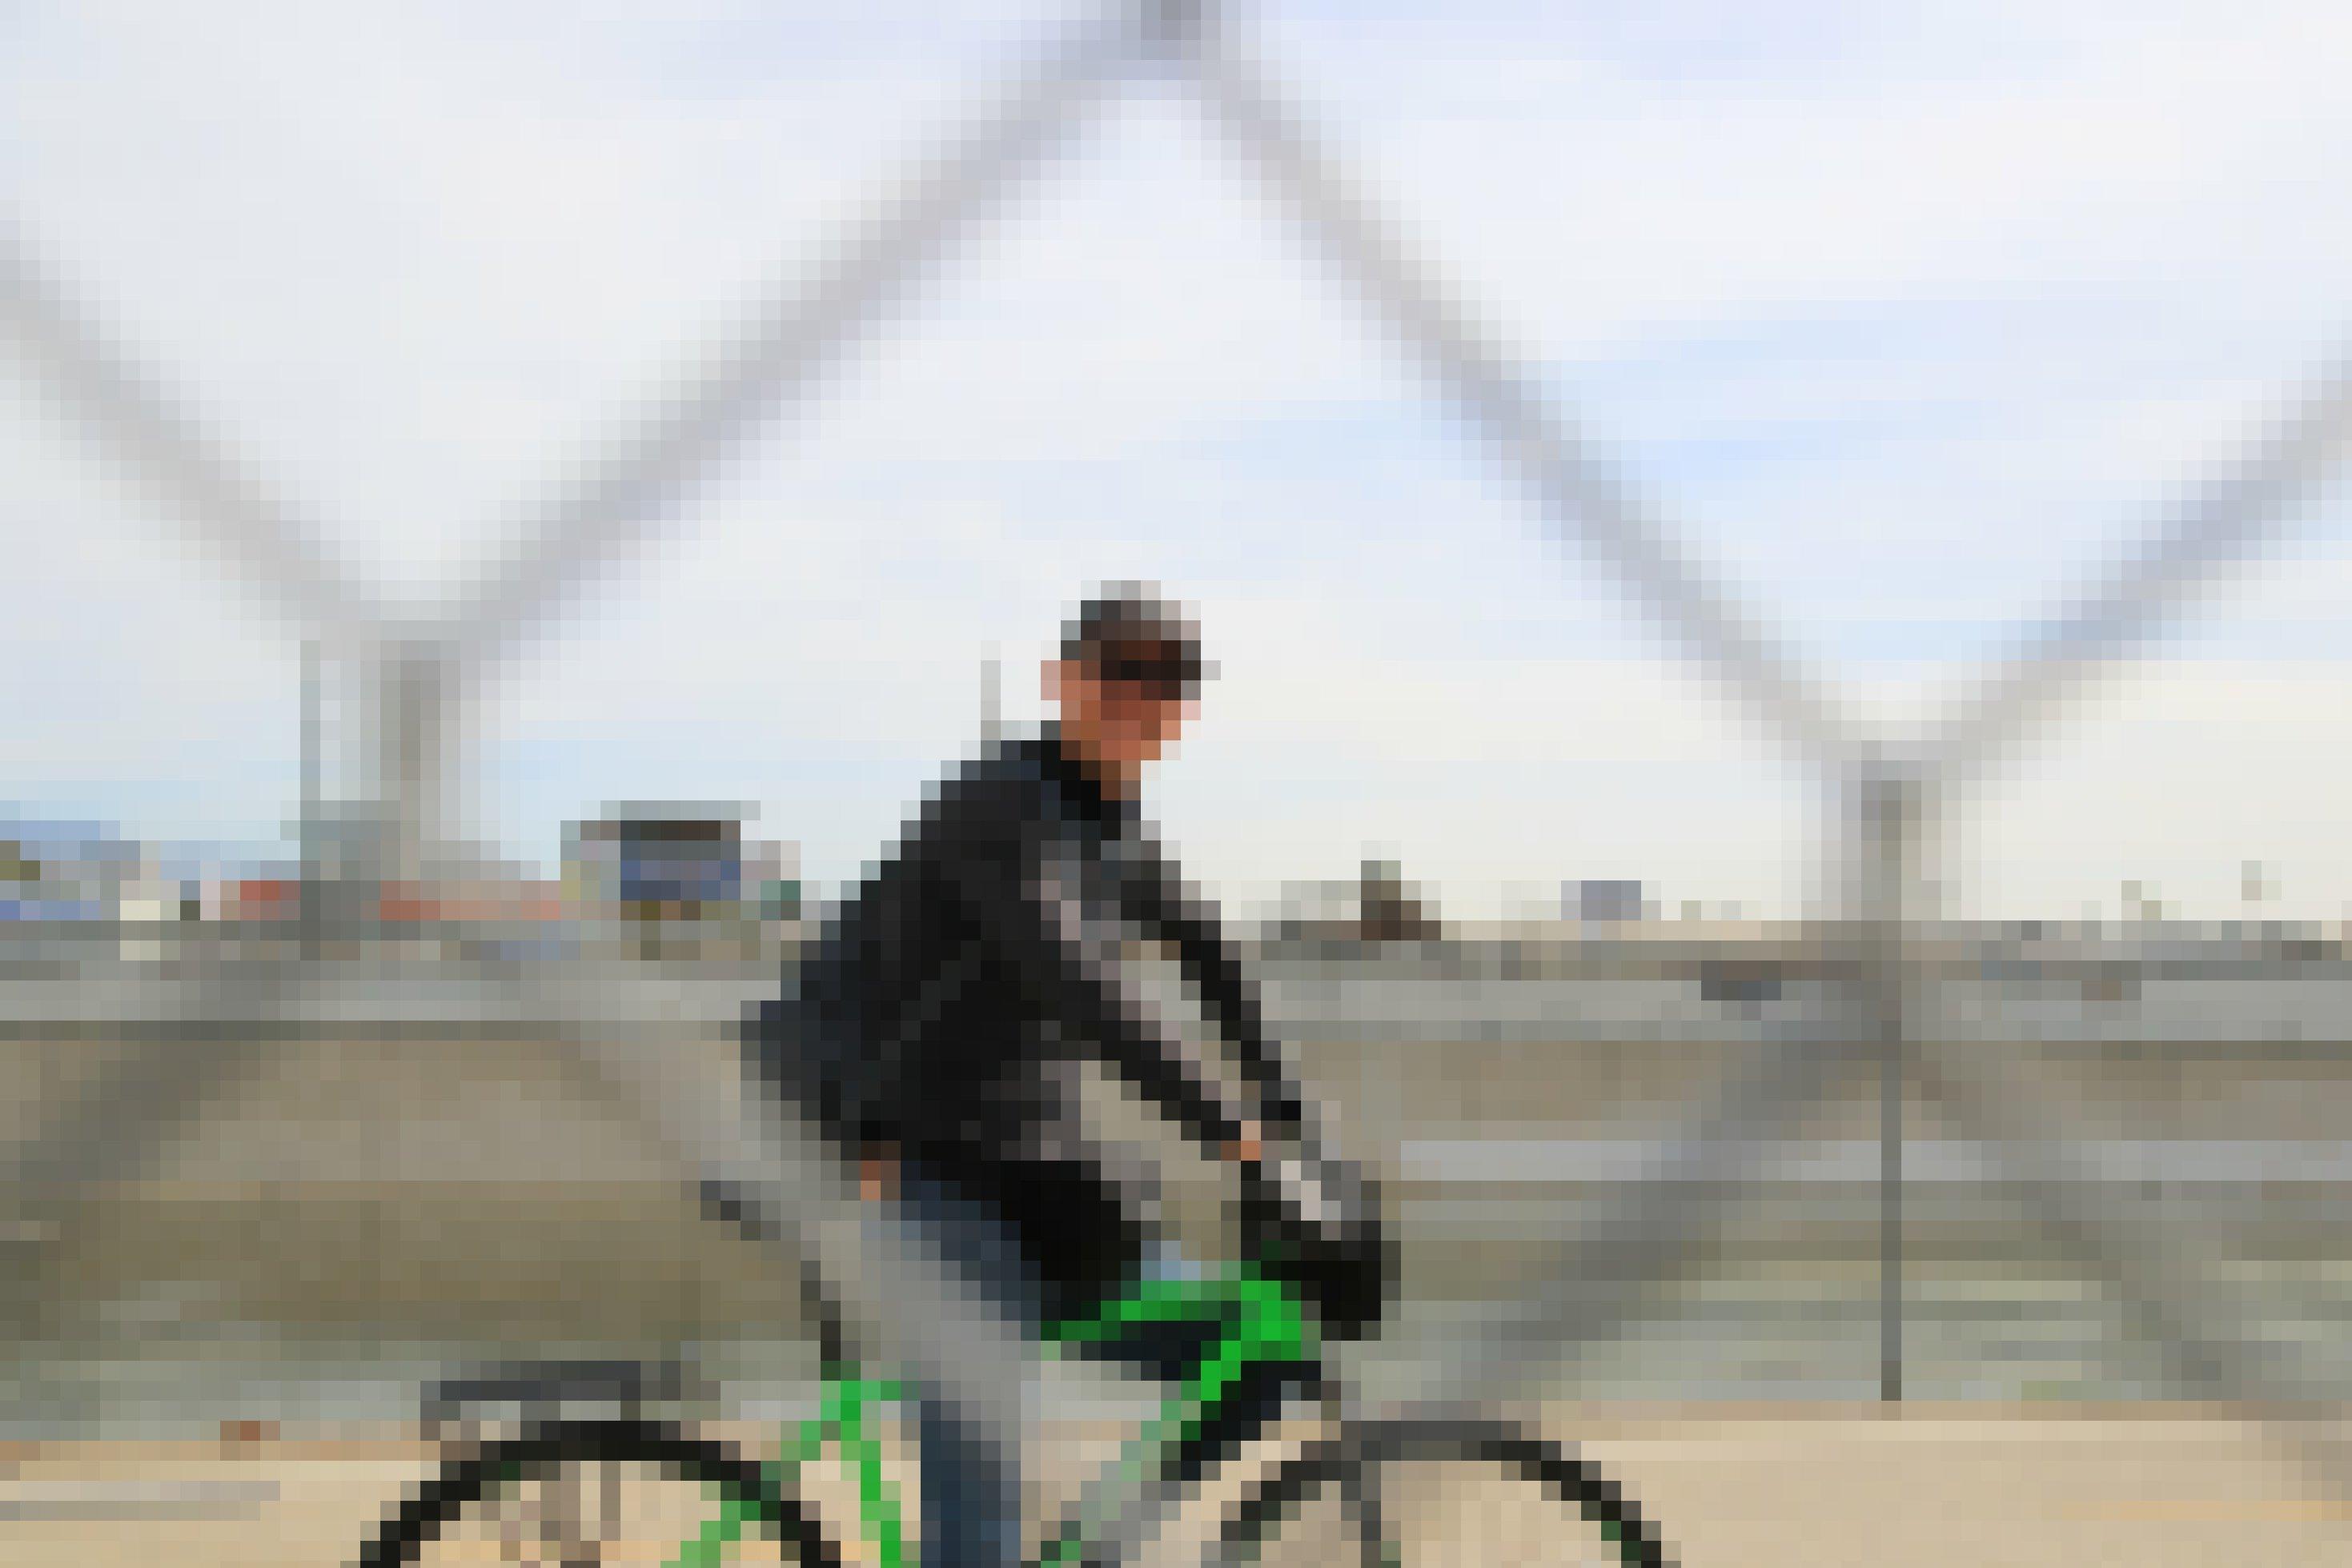 Ein Radfahrer radelt hinter einem Zaun am Fluss entlang.